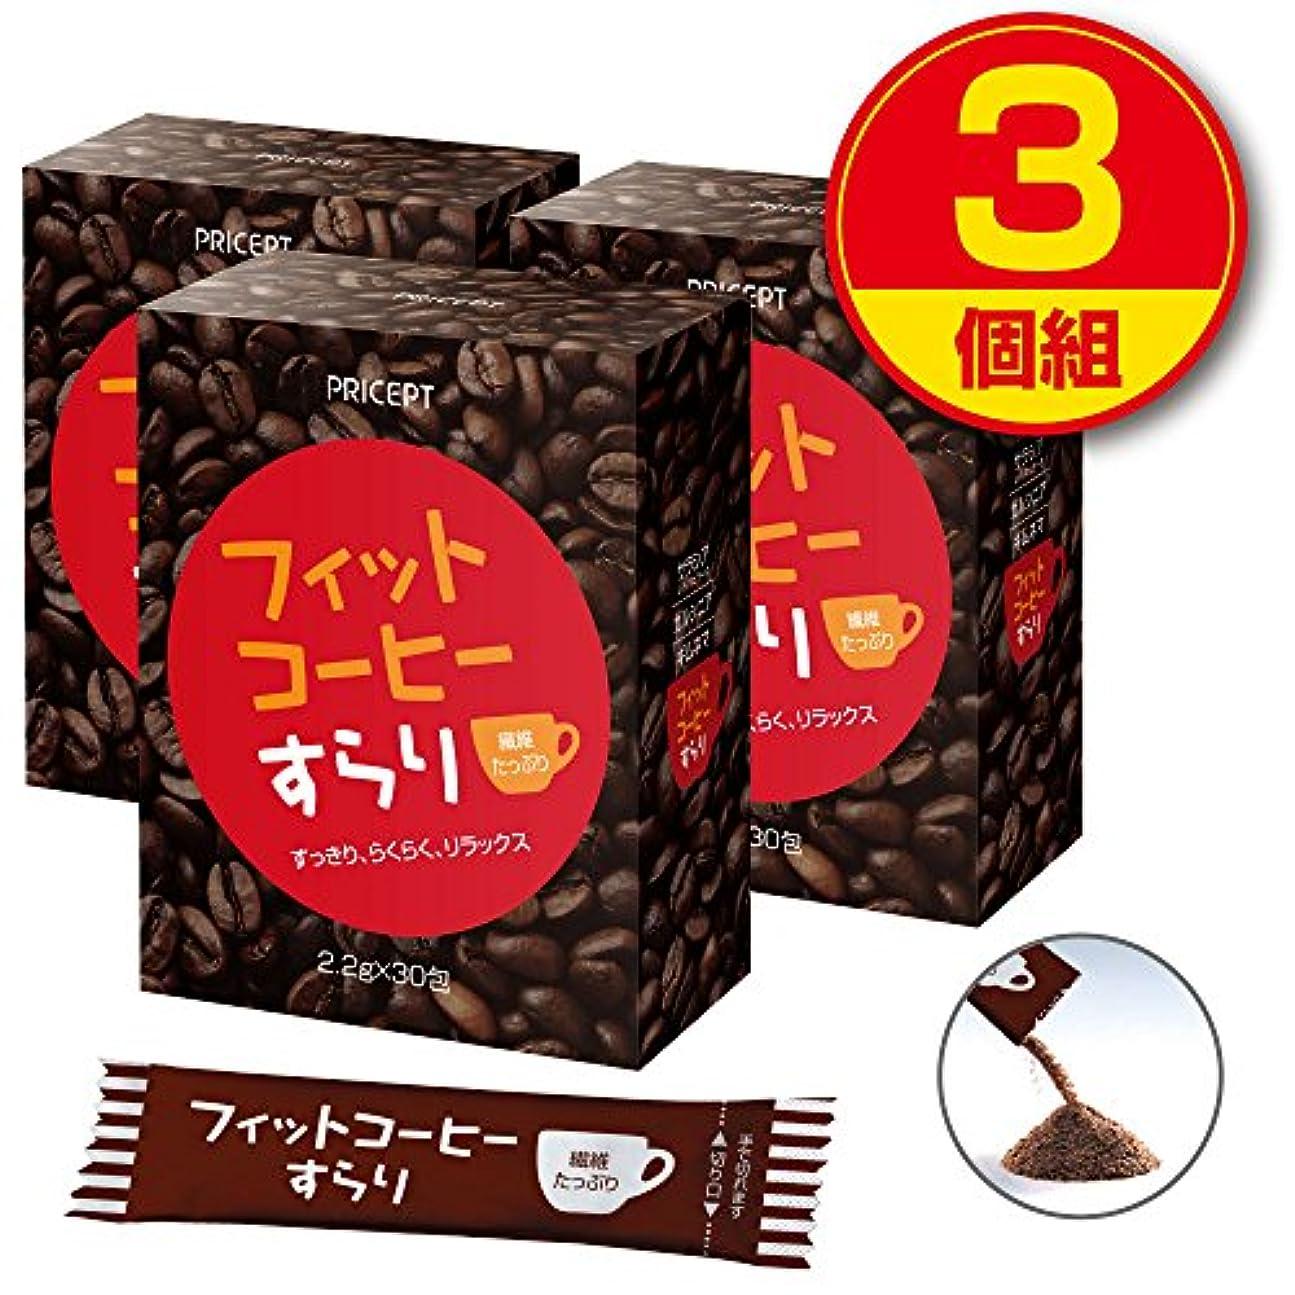 退屈ファンド事プリセプト フィットコーヒーすらり 30包【3個組(90包)】(ダイエットサポートコーヒー)